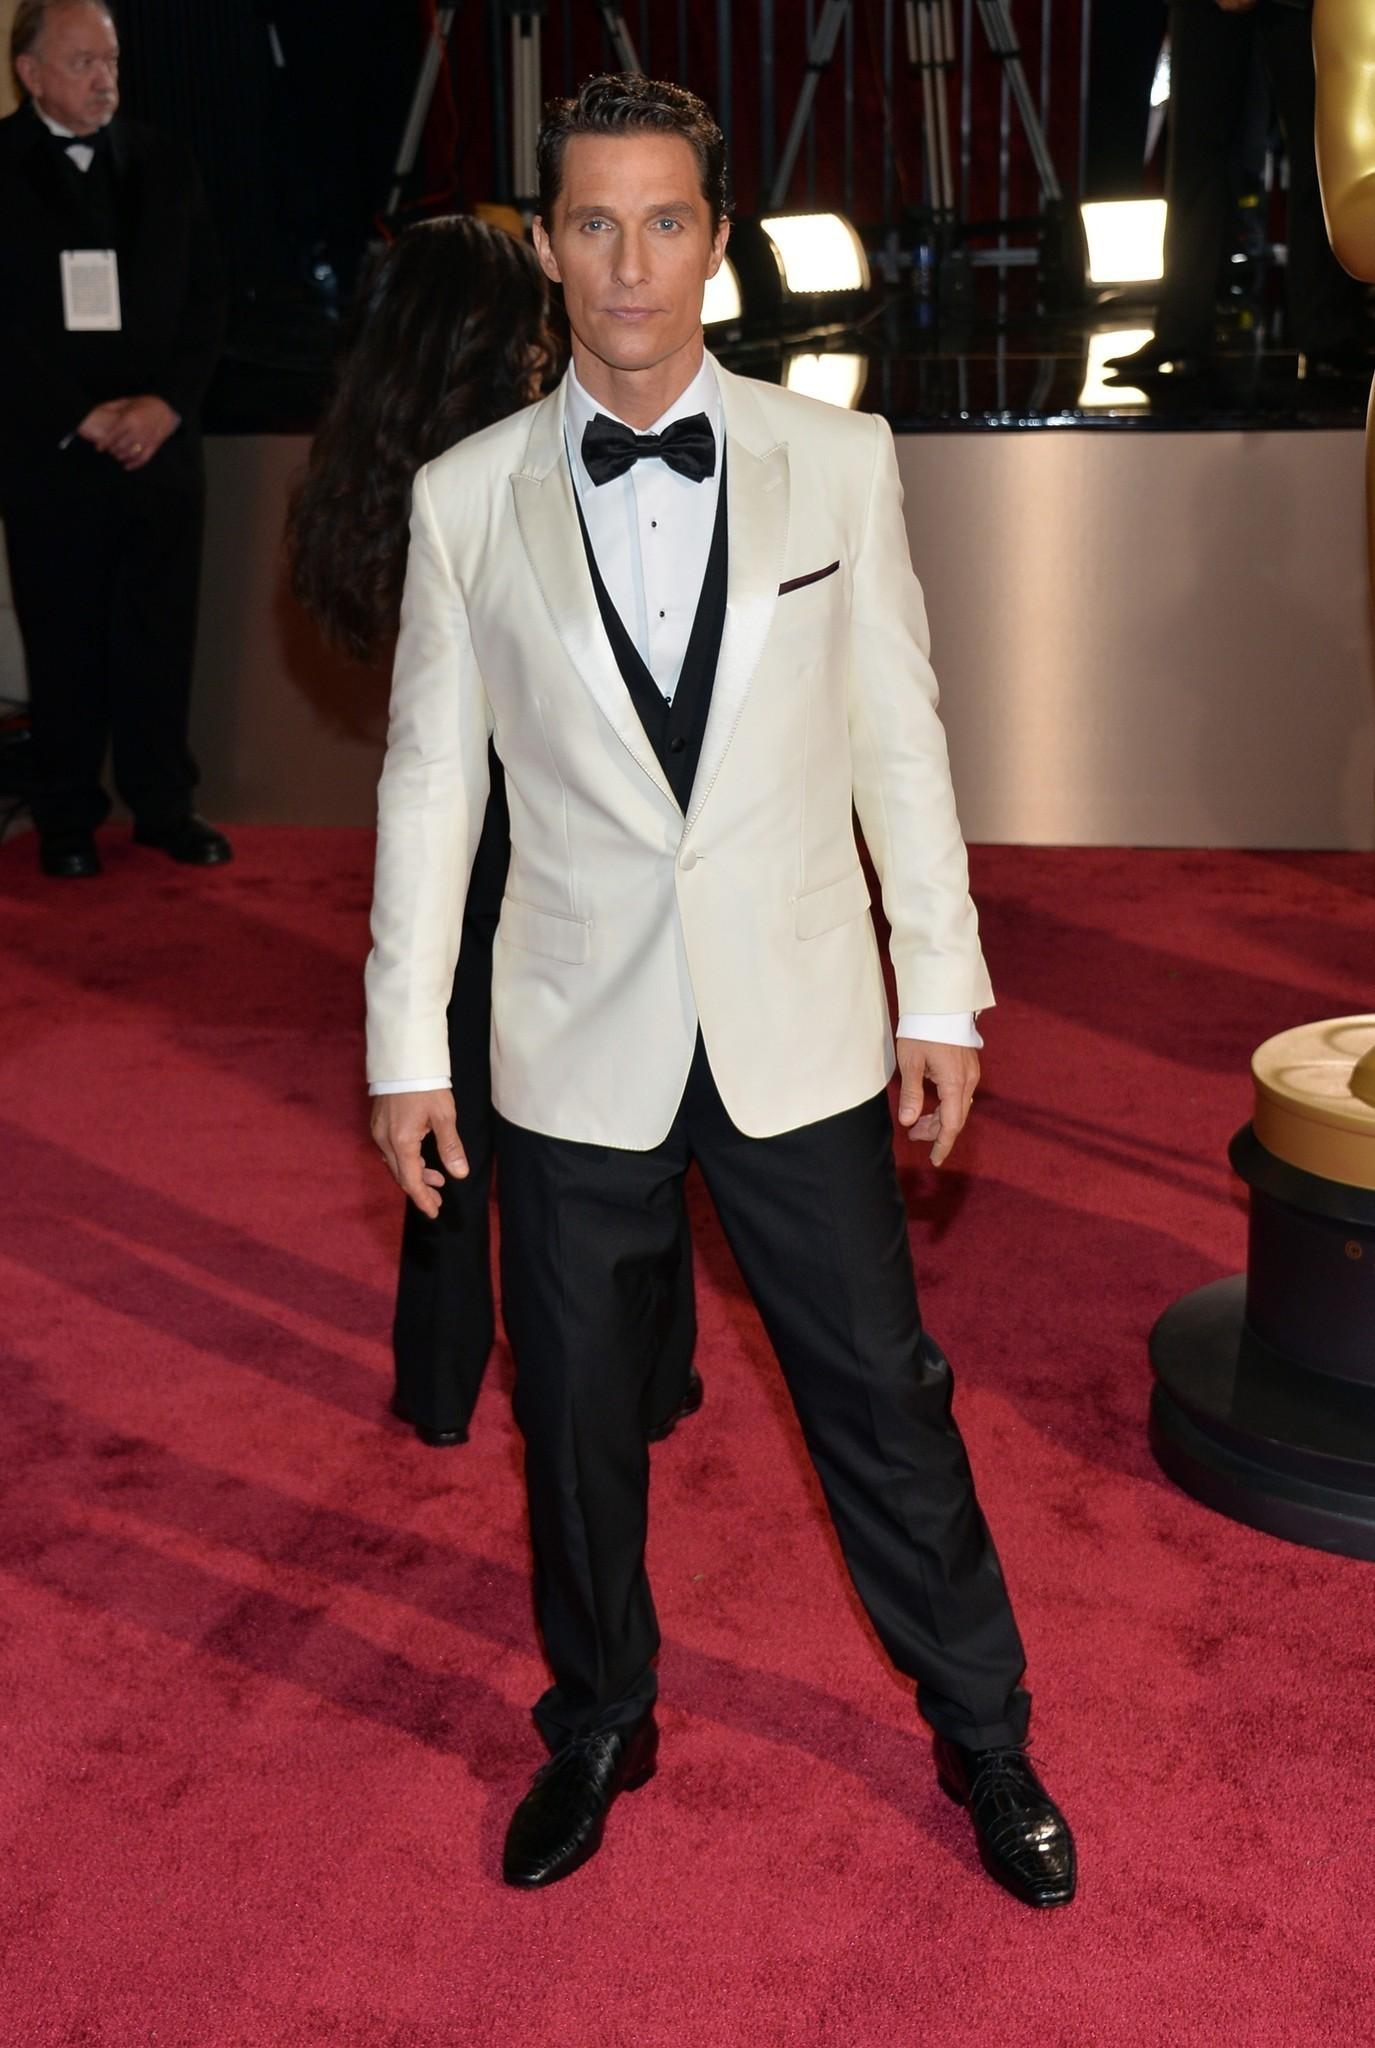 Oscar 2014 Red Carpet Fashion Extravaganza Watch 24